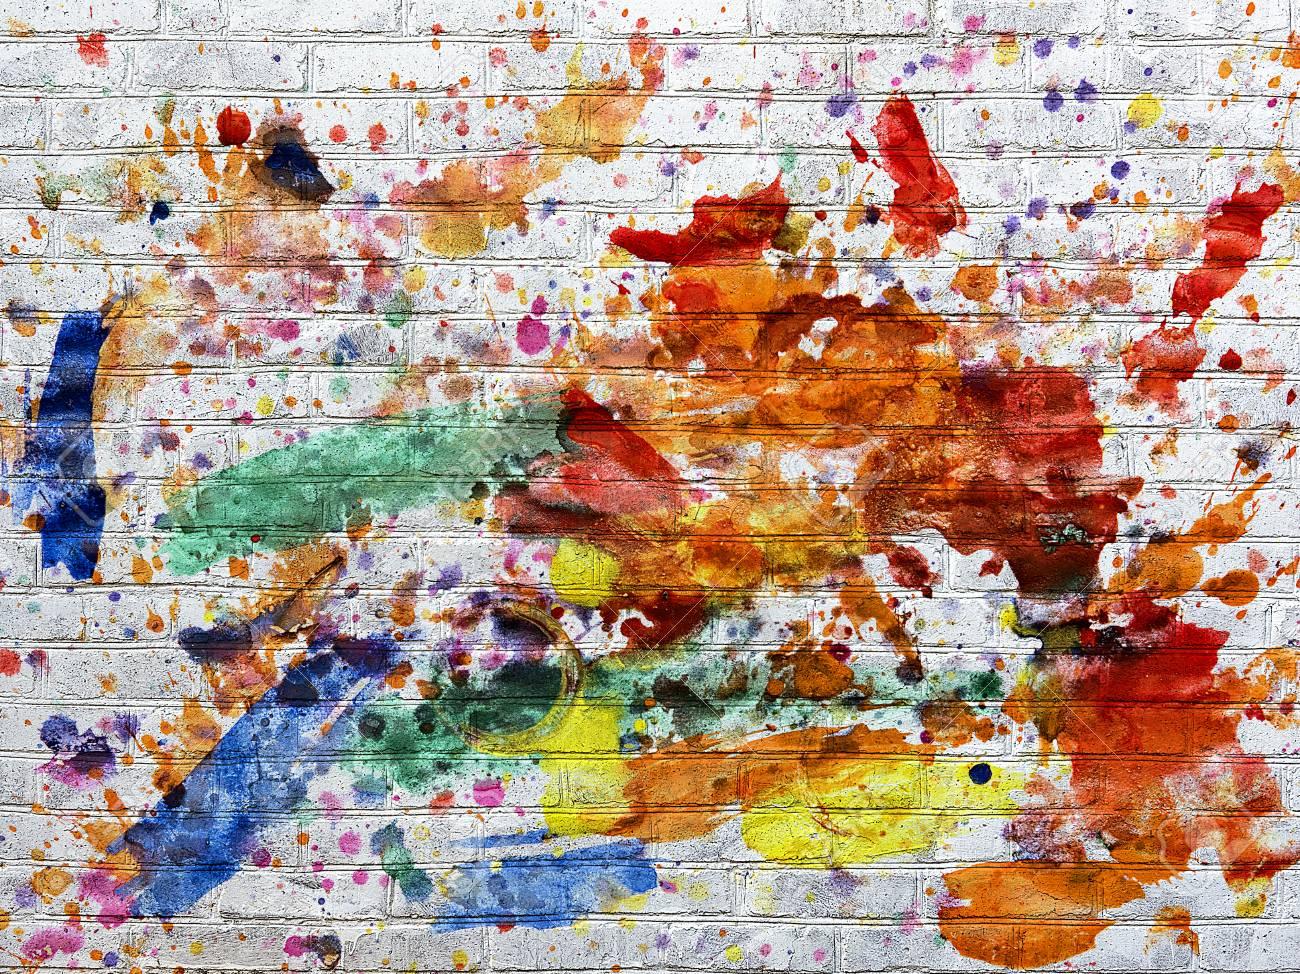 Pared De Ladrillo Blanca Manchas De Pintura De Diferentes Colores Manchada Fotos Retratos Imágenes Y Fotografía De Archivo Libres De Derecho Image 55116066